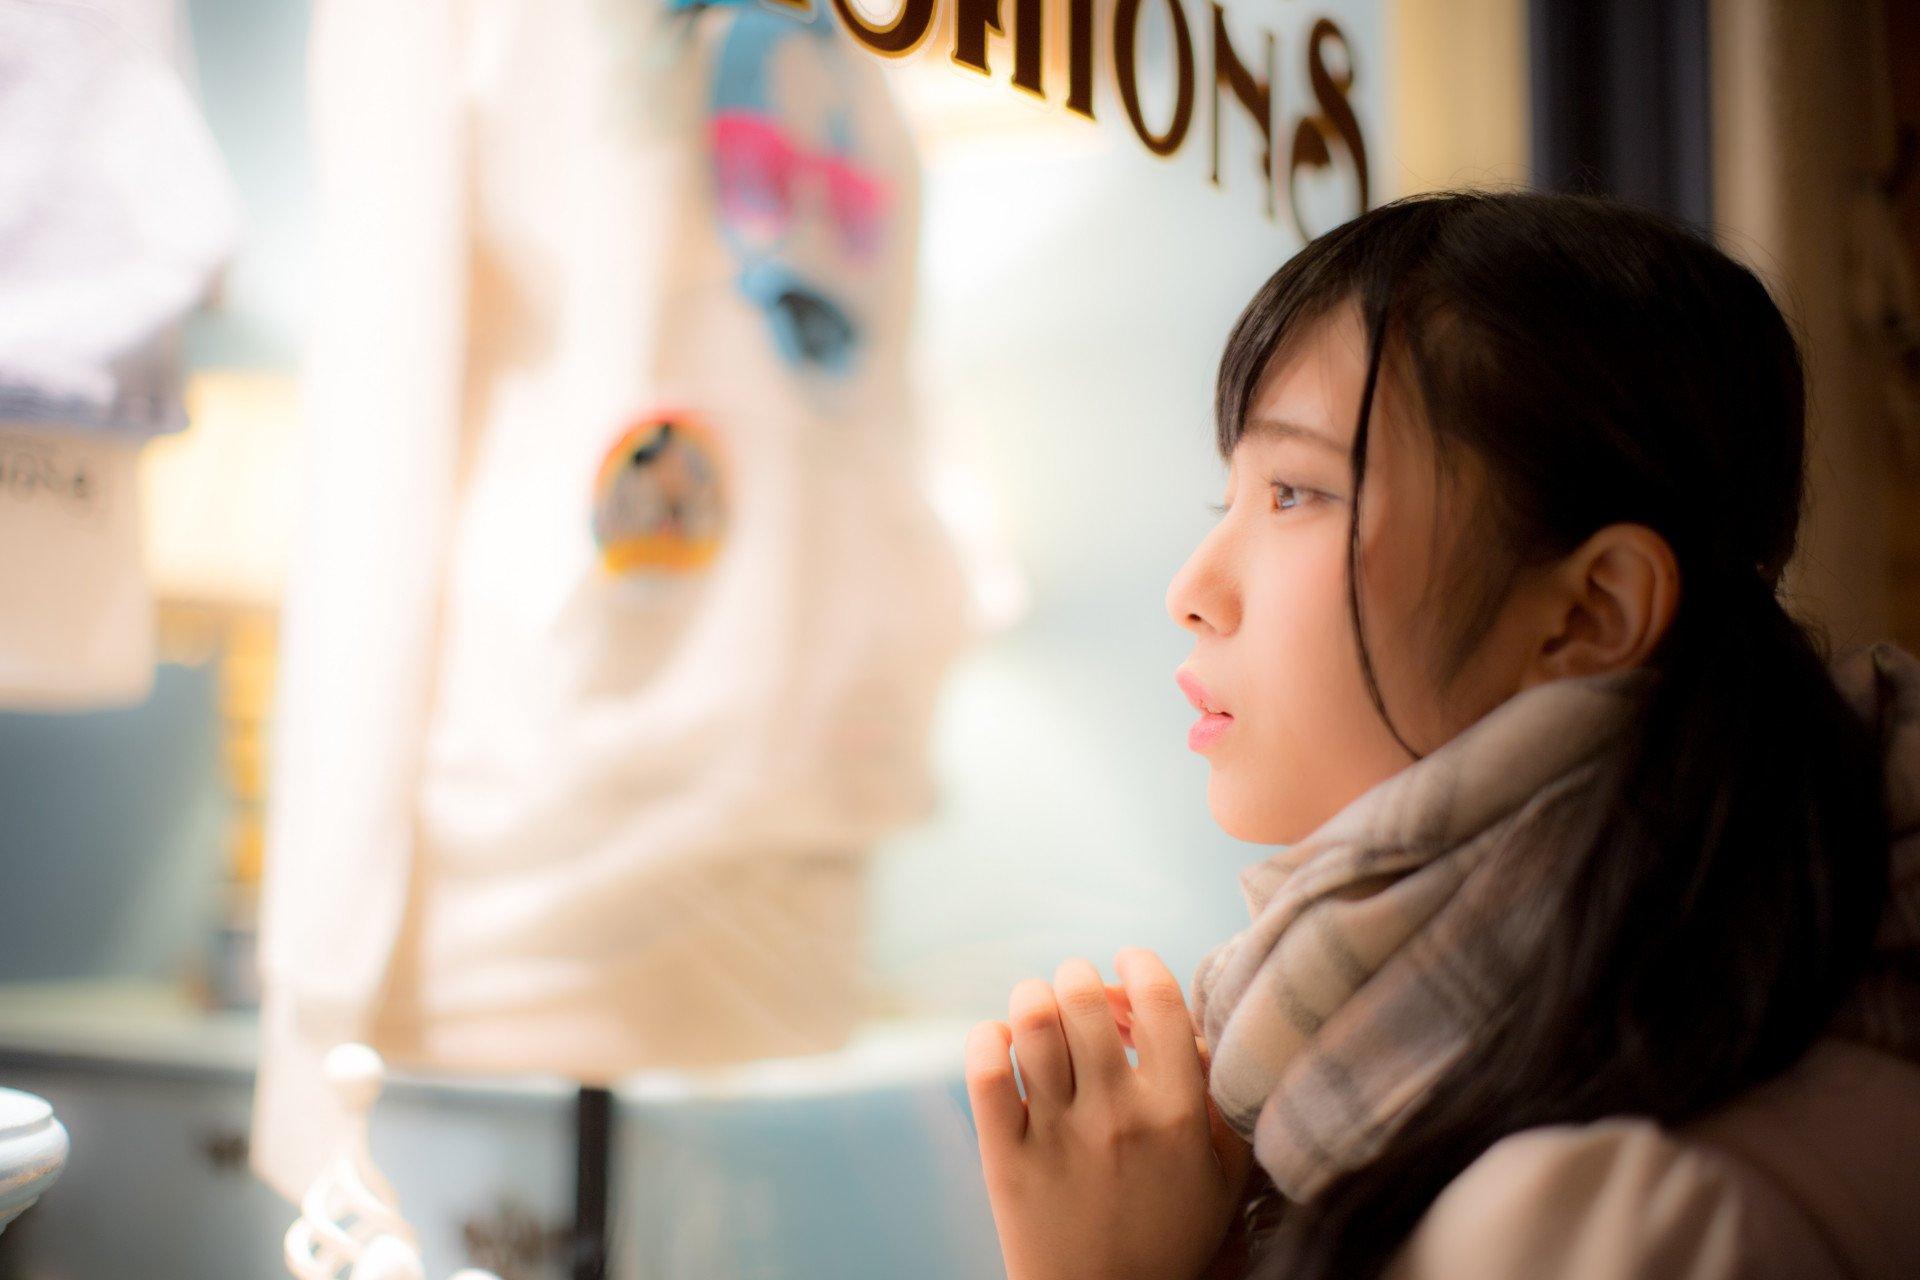 東京ディズニーランド『クリスマス・ファンタジー』#5 谷口彩菜さんと